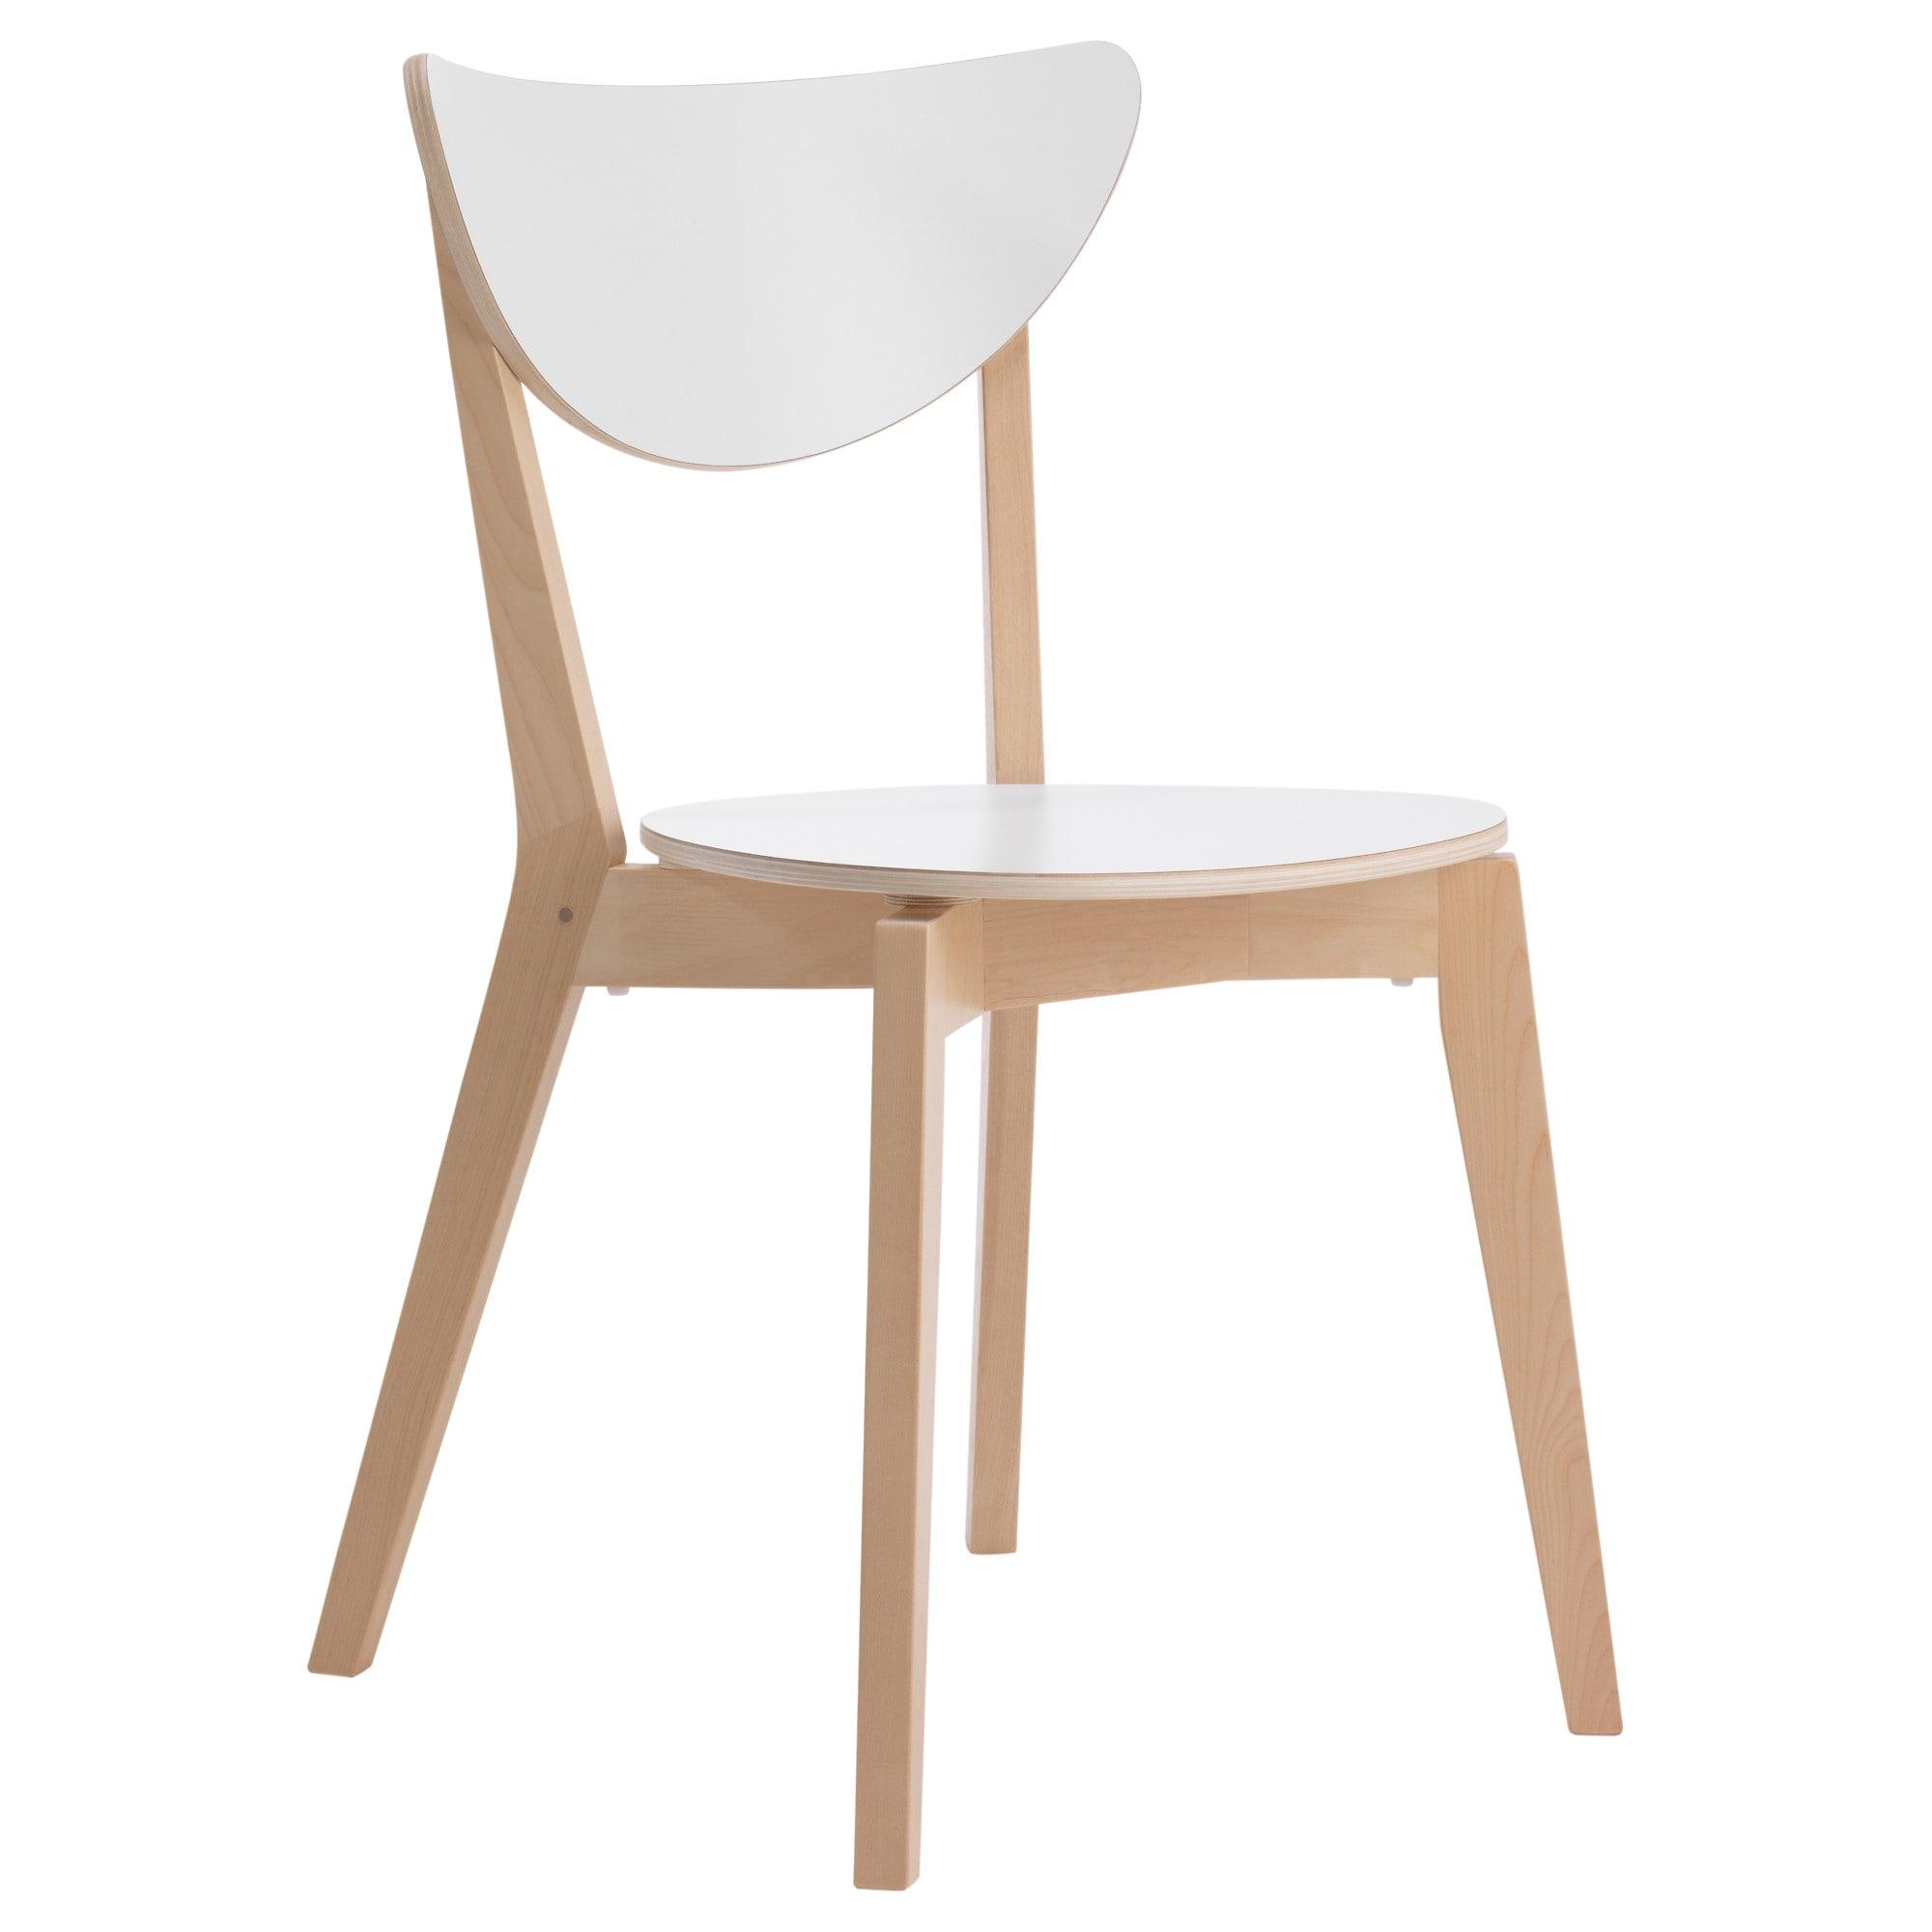 Ikea Sillas De Cocina 9fdy nordmyra Chair White Birch Ikea